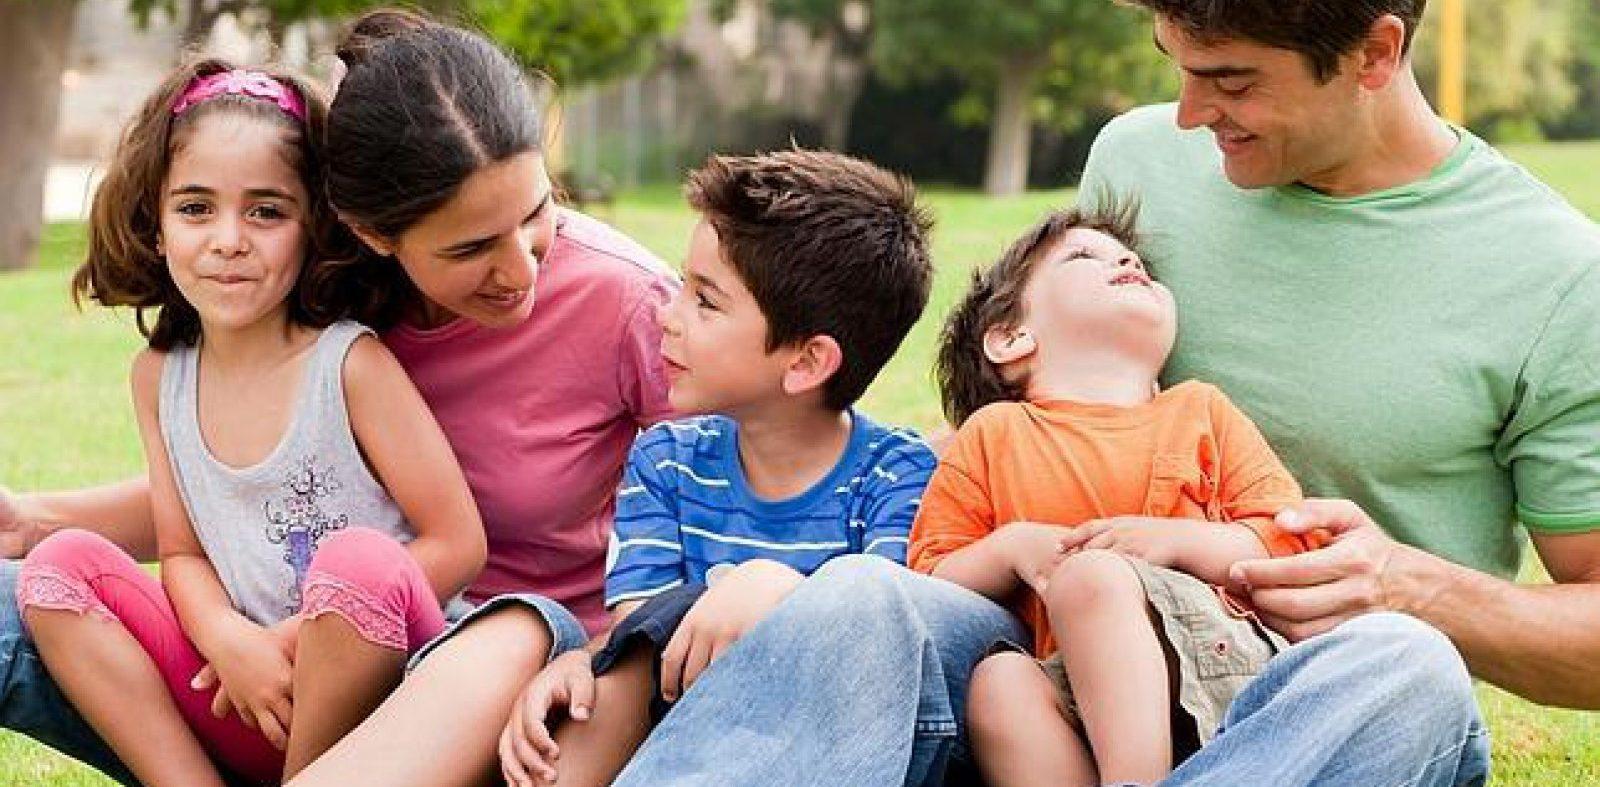 5 Pasos para una Vida Familiar Sana y Feliz